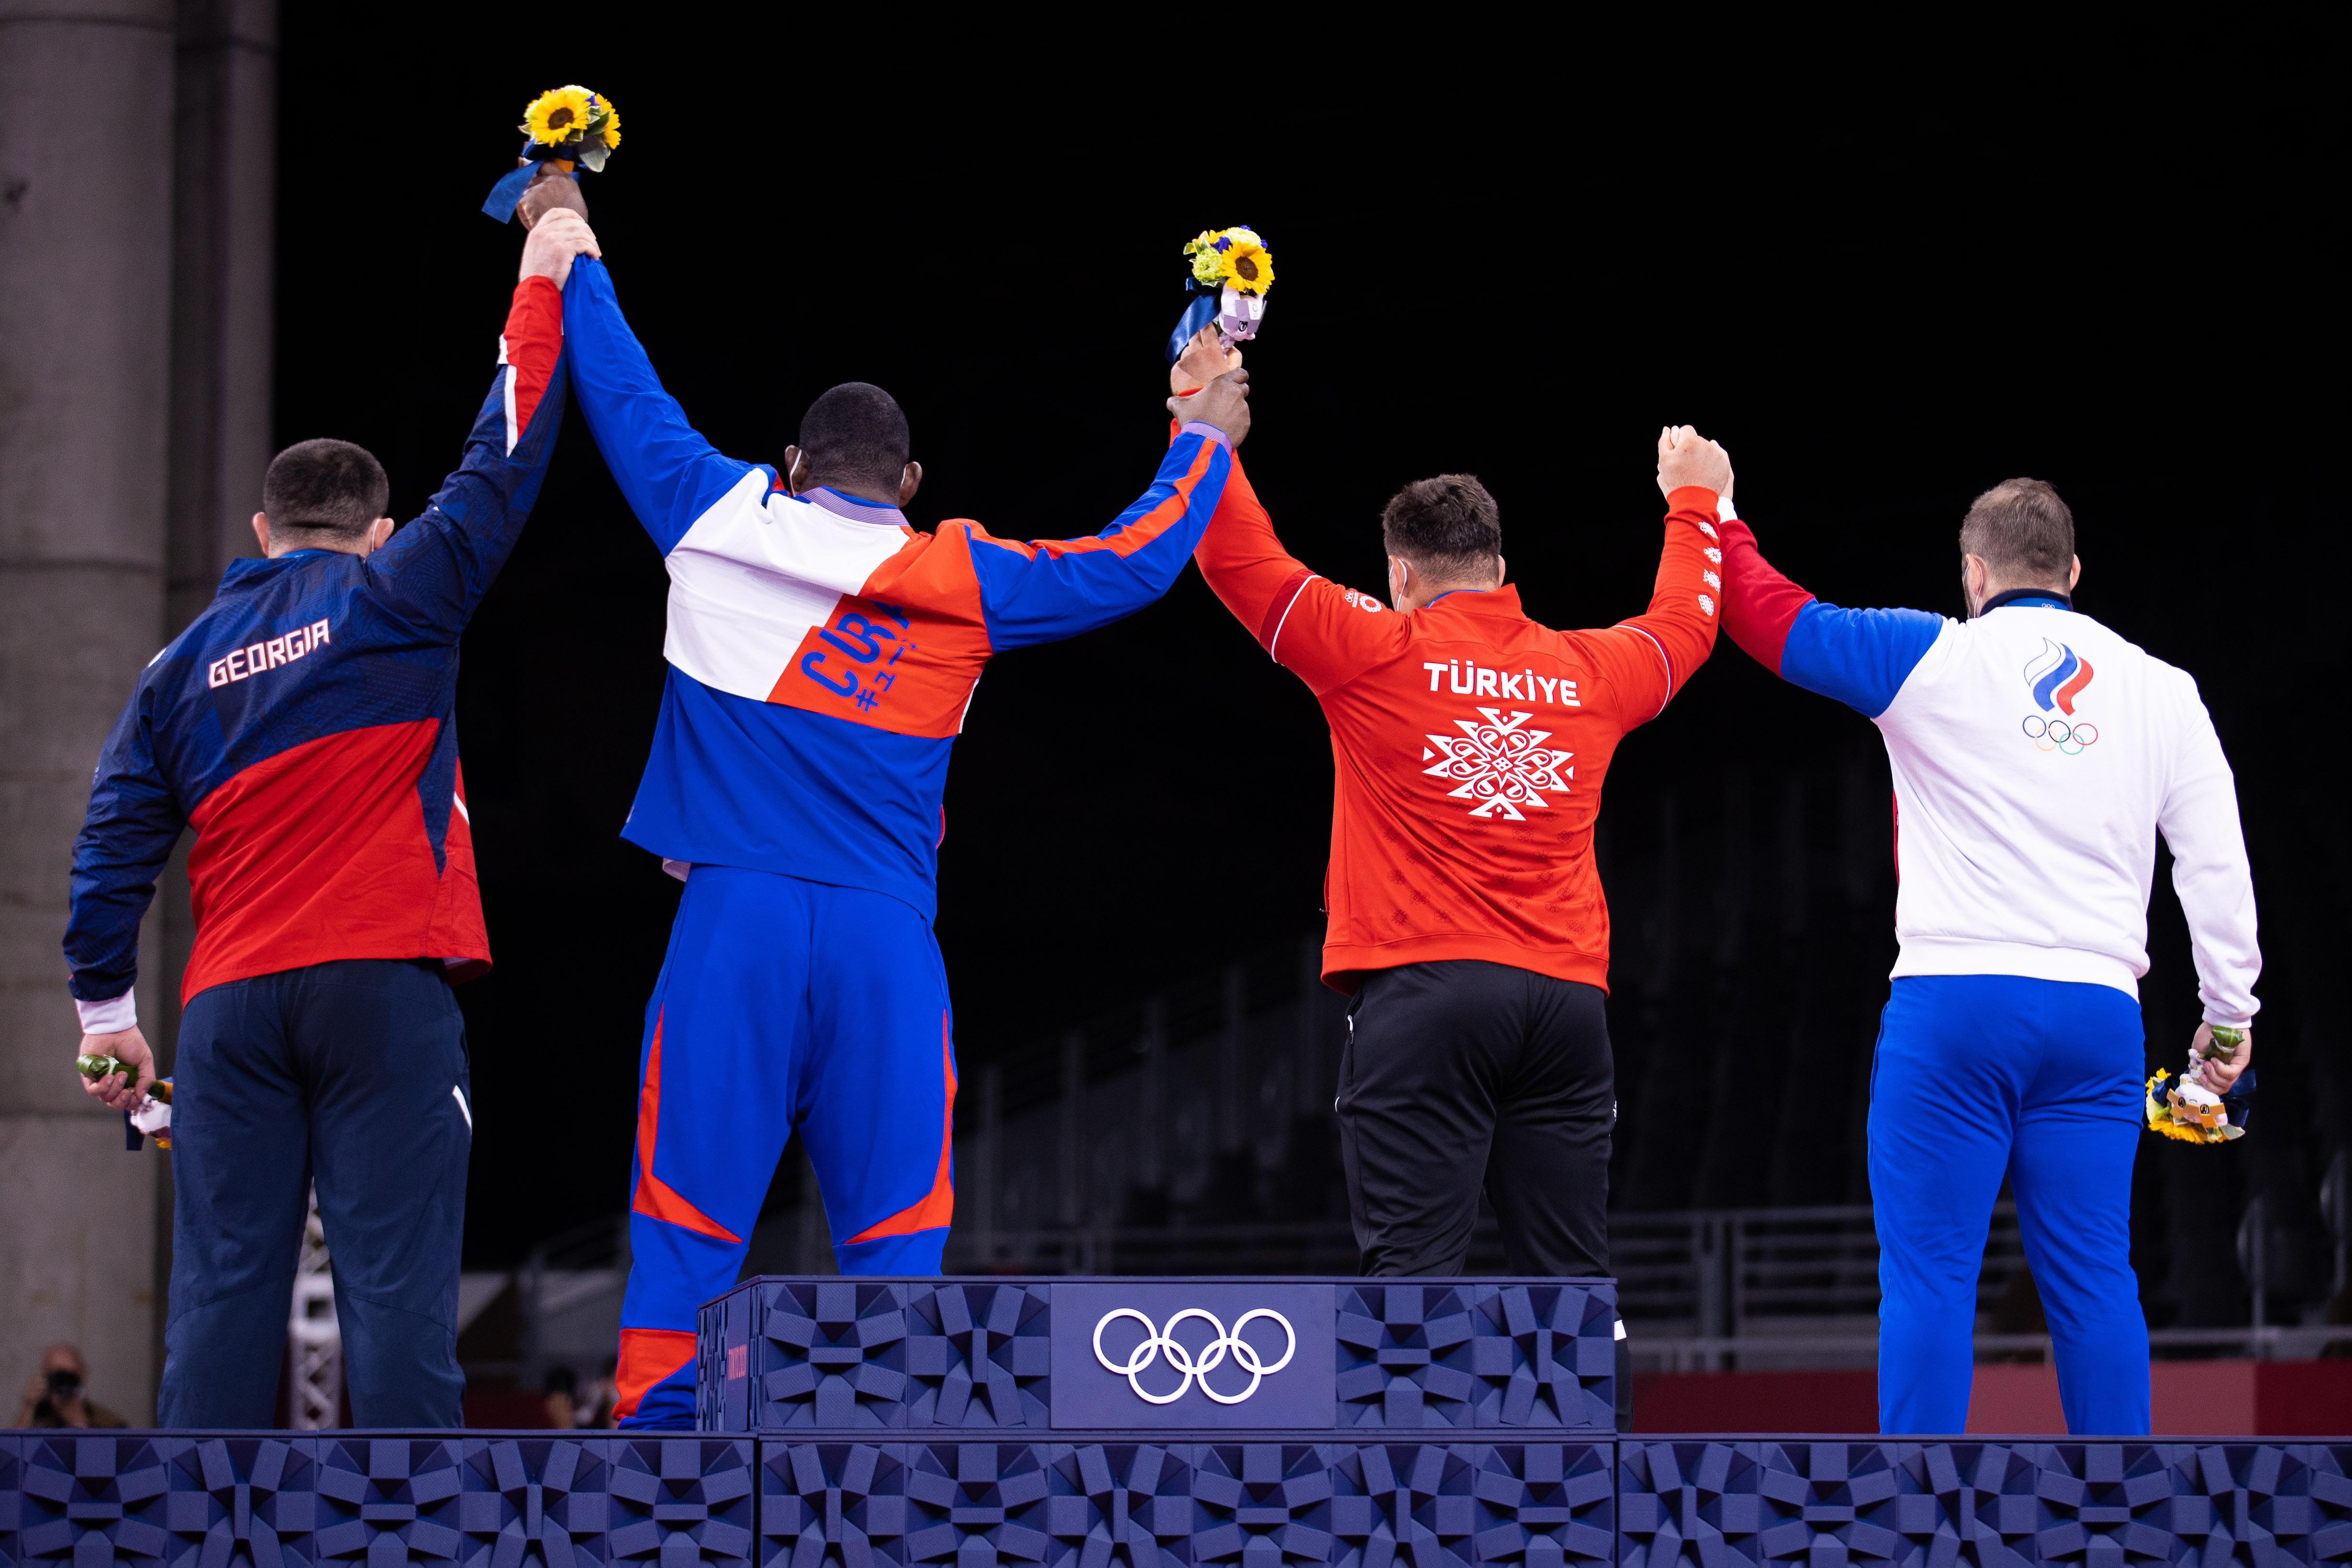 130kg podium